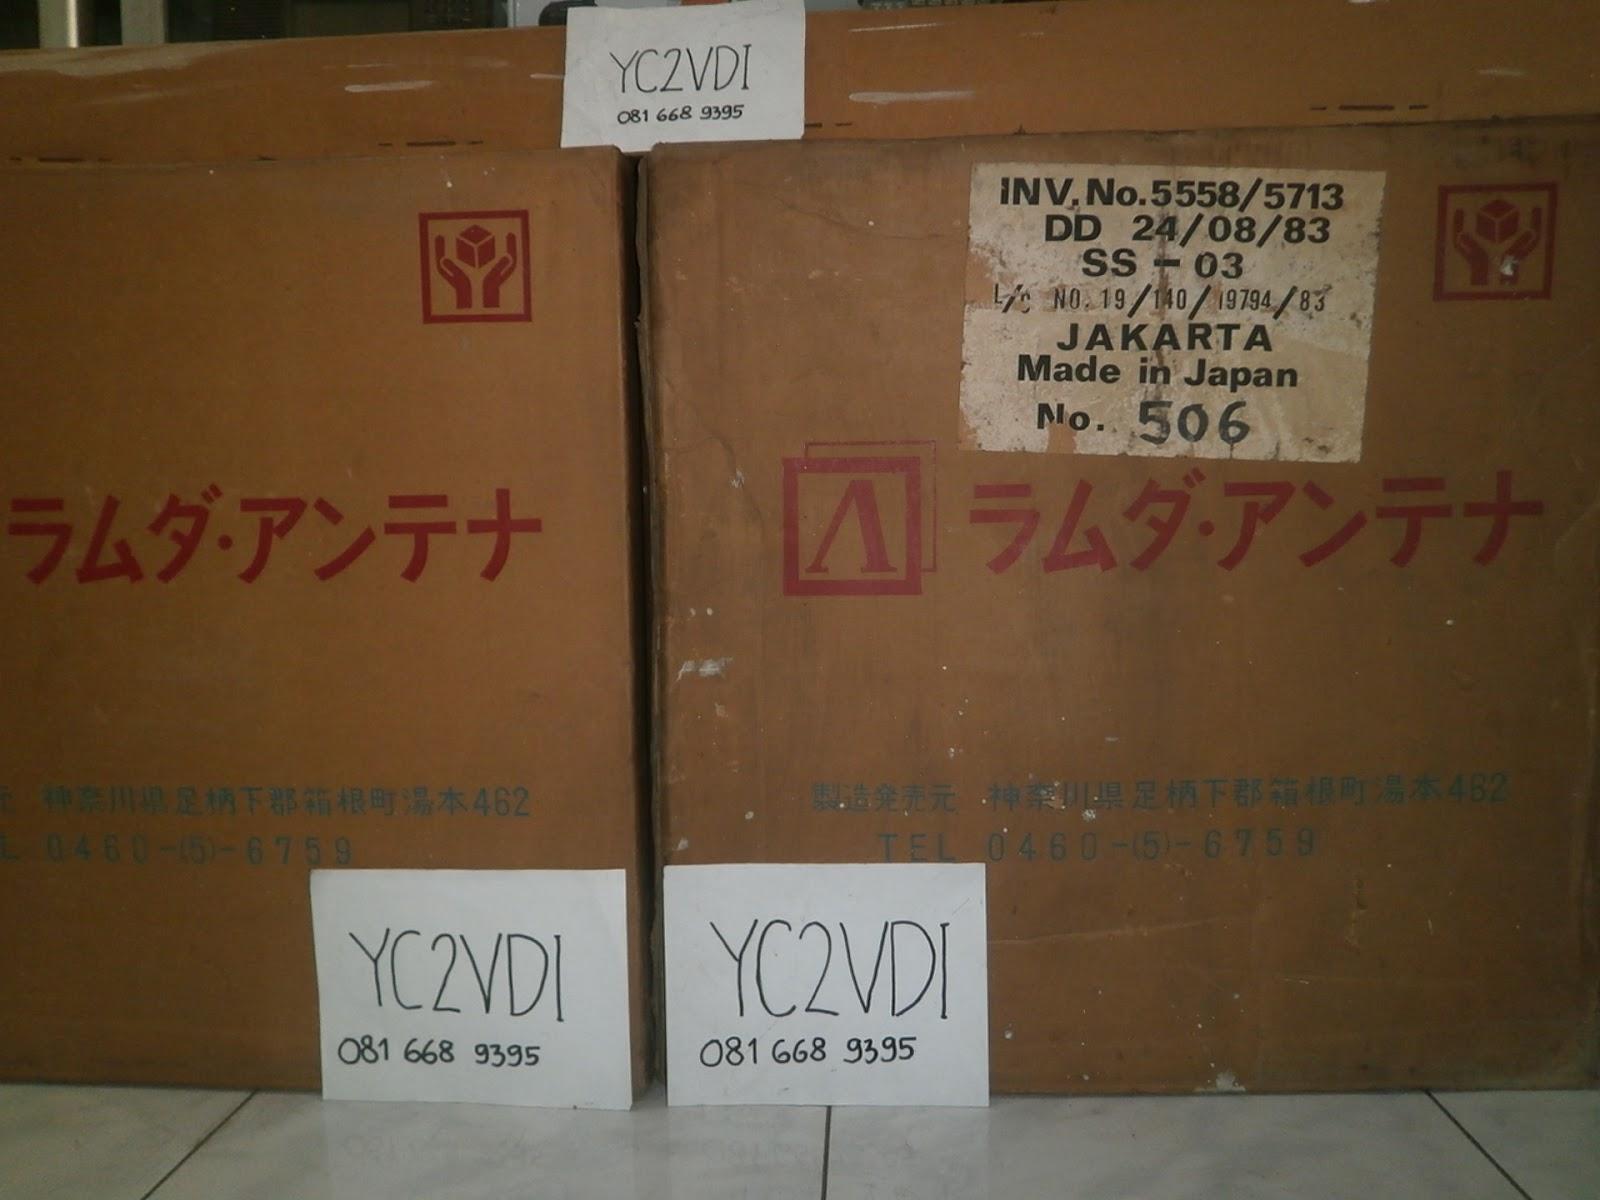 Sinar Agung ( Y C 2 V D I ): ANTENA CUBICAL QUAD 144 Mhz - BARU GRESS